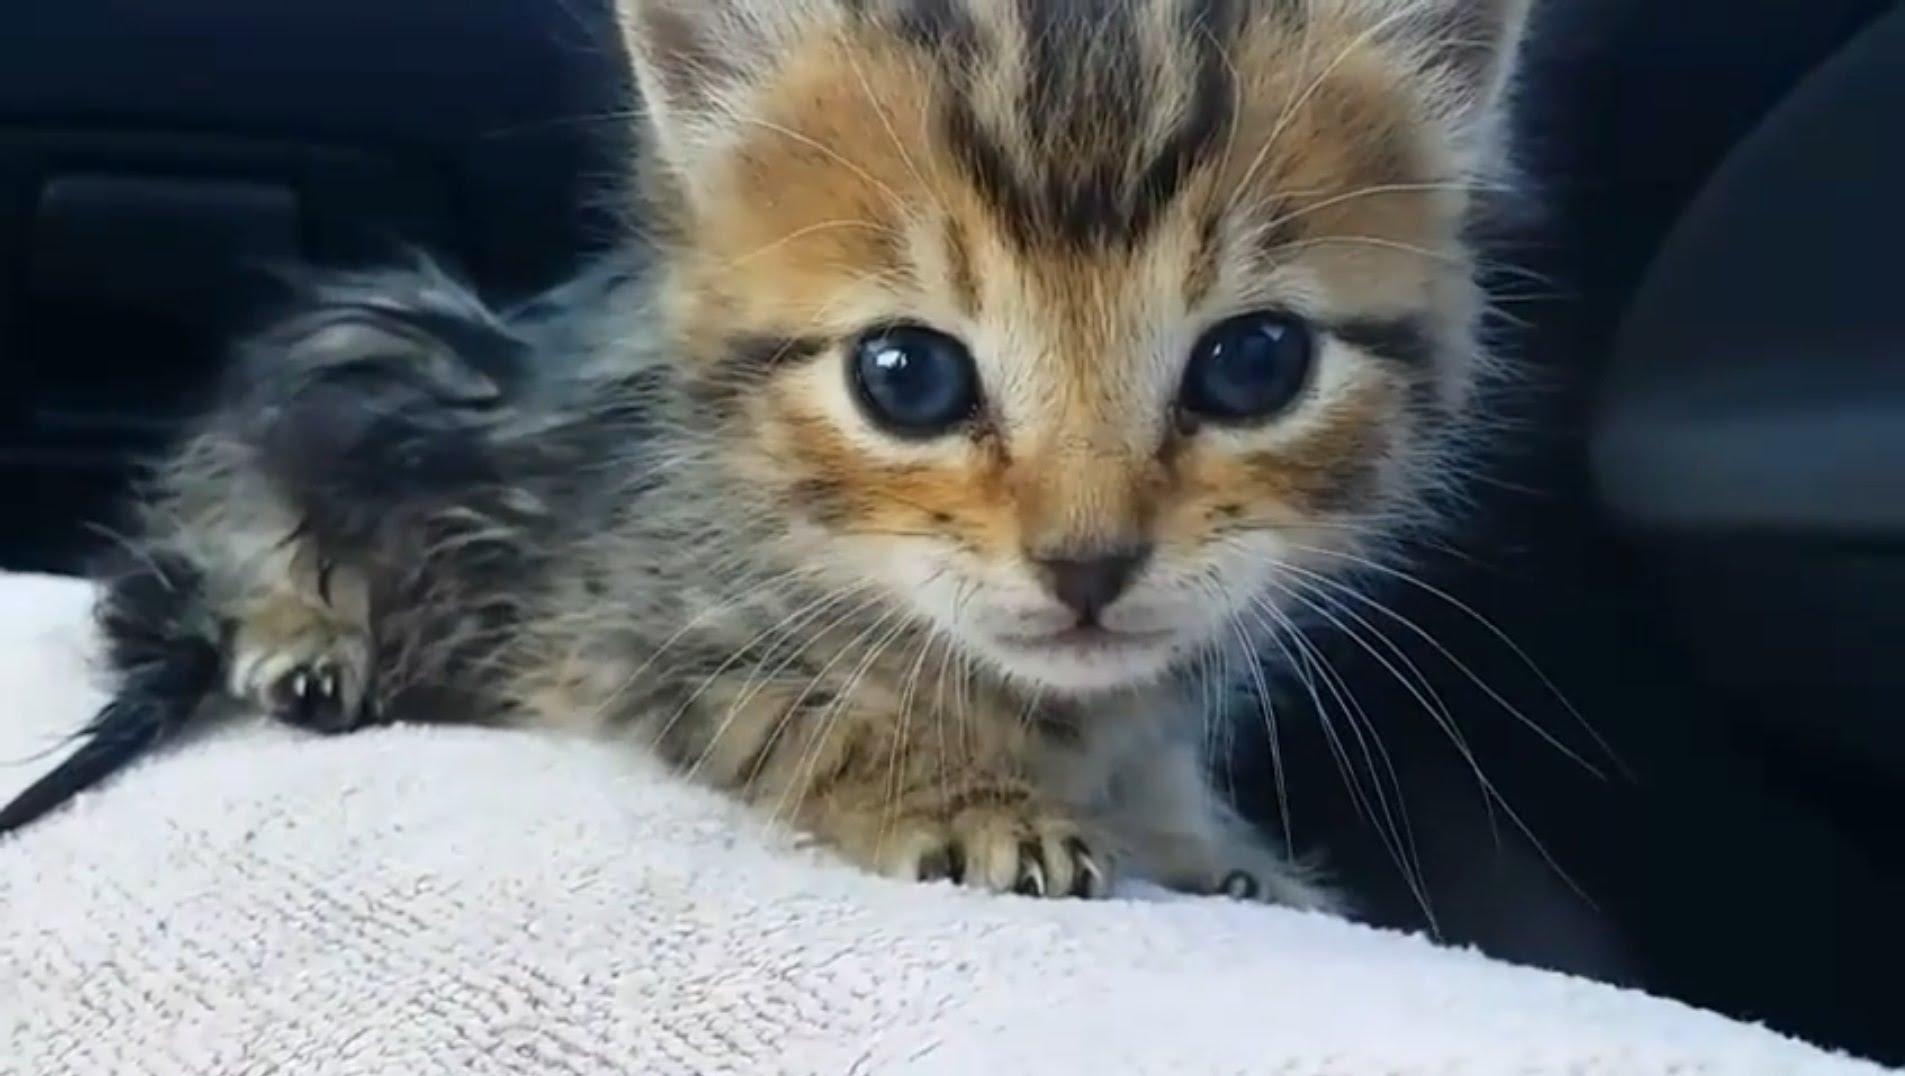 Saving an abandoned kitten